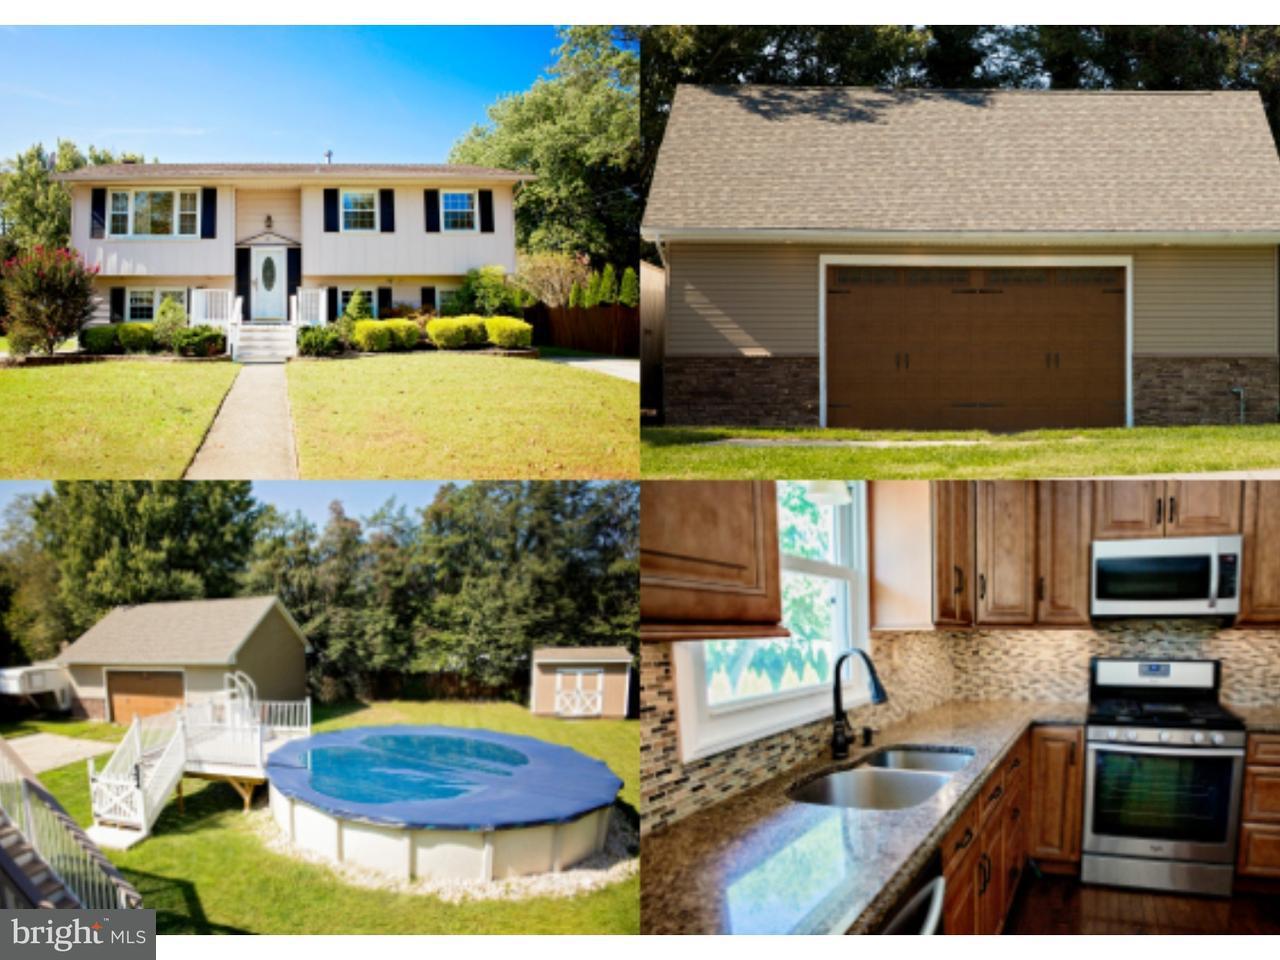 Maison unifamiliale pour l Vente à 21 CENTRAL Avenue Grenloch, New Jersey 08032 États-Unis